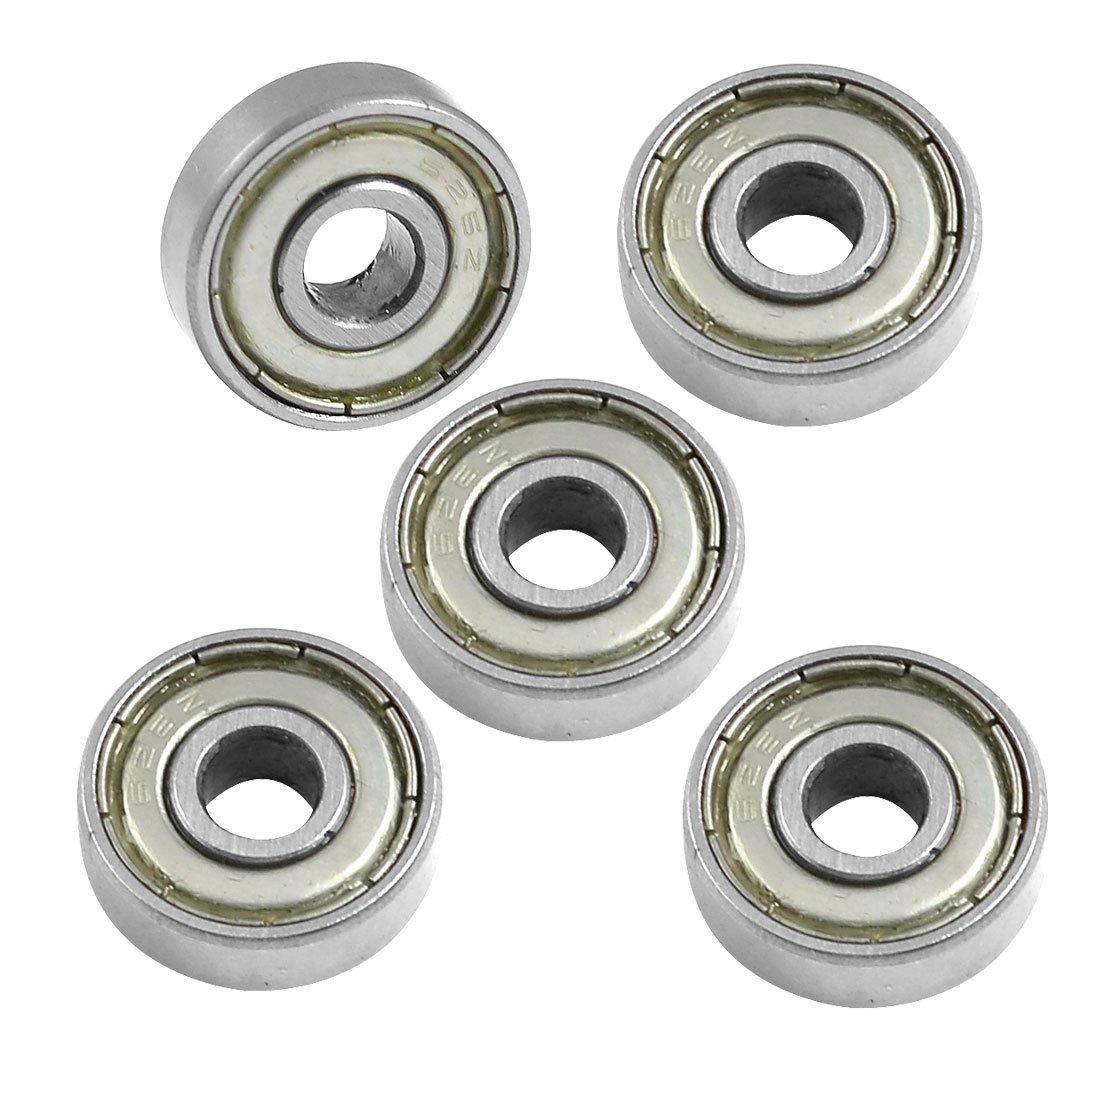 Bofo 626z 6mm x 19mm x 6mm blindado radial em miniatura rolamento de esferas profundo do sulco 5 pces